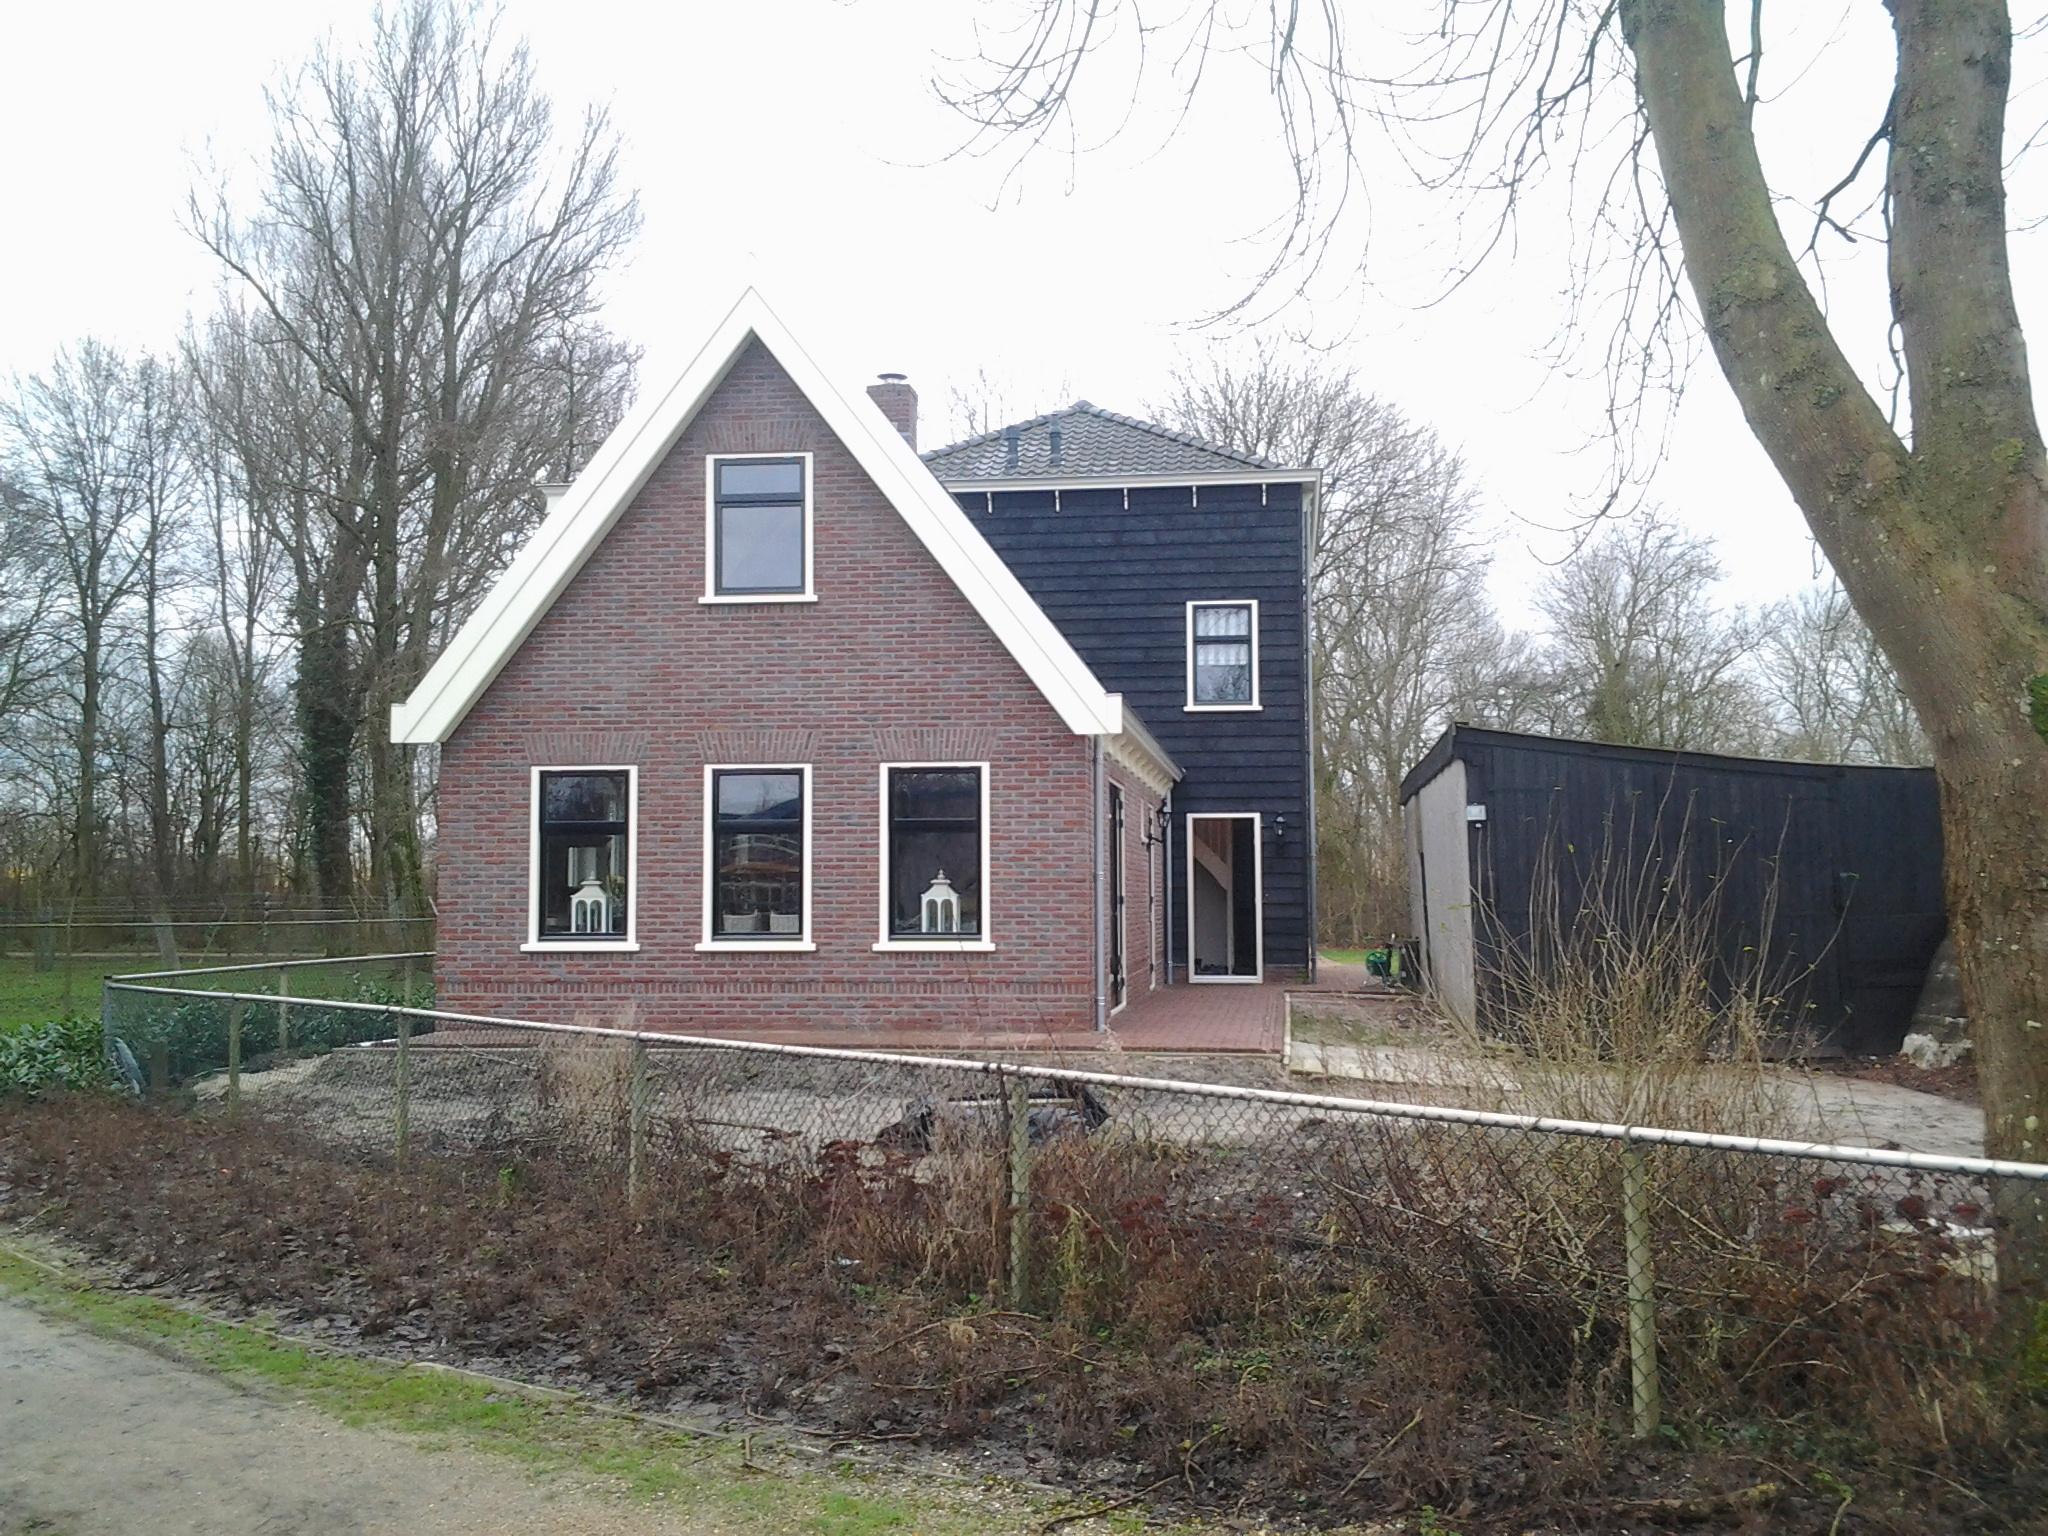 Bouwbedrijf remco broersen - Te vergroten zijn huis met een veranda ...